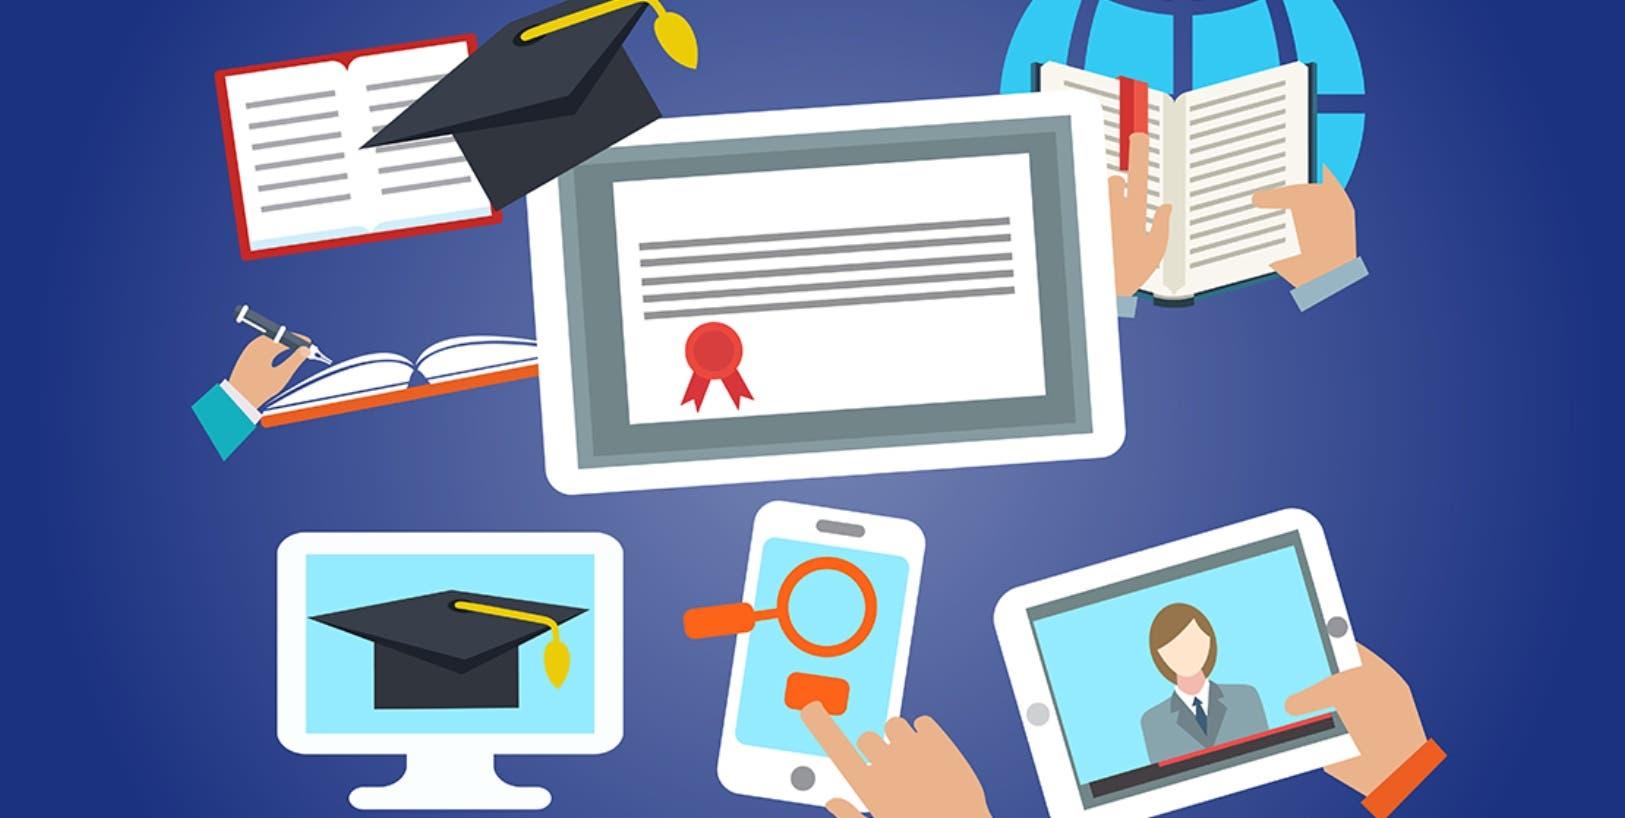 Un novedoso modelo educativo para adultos